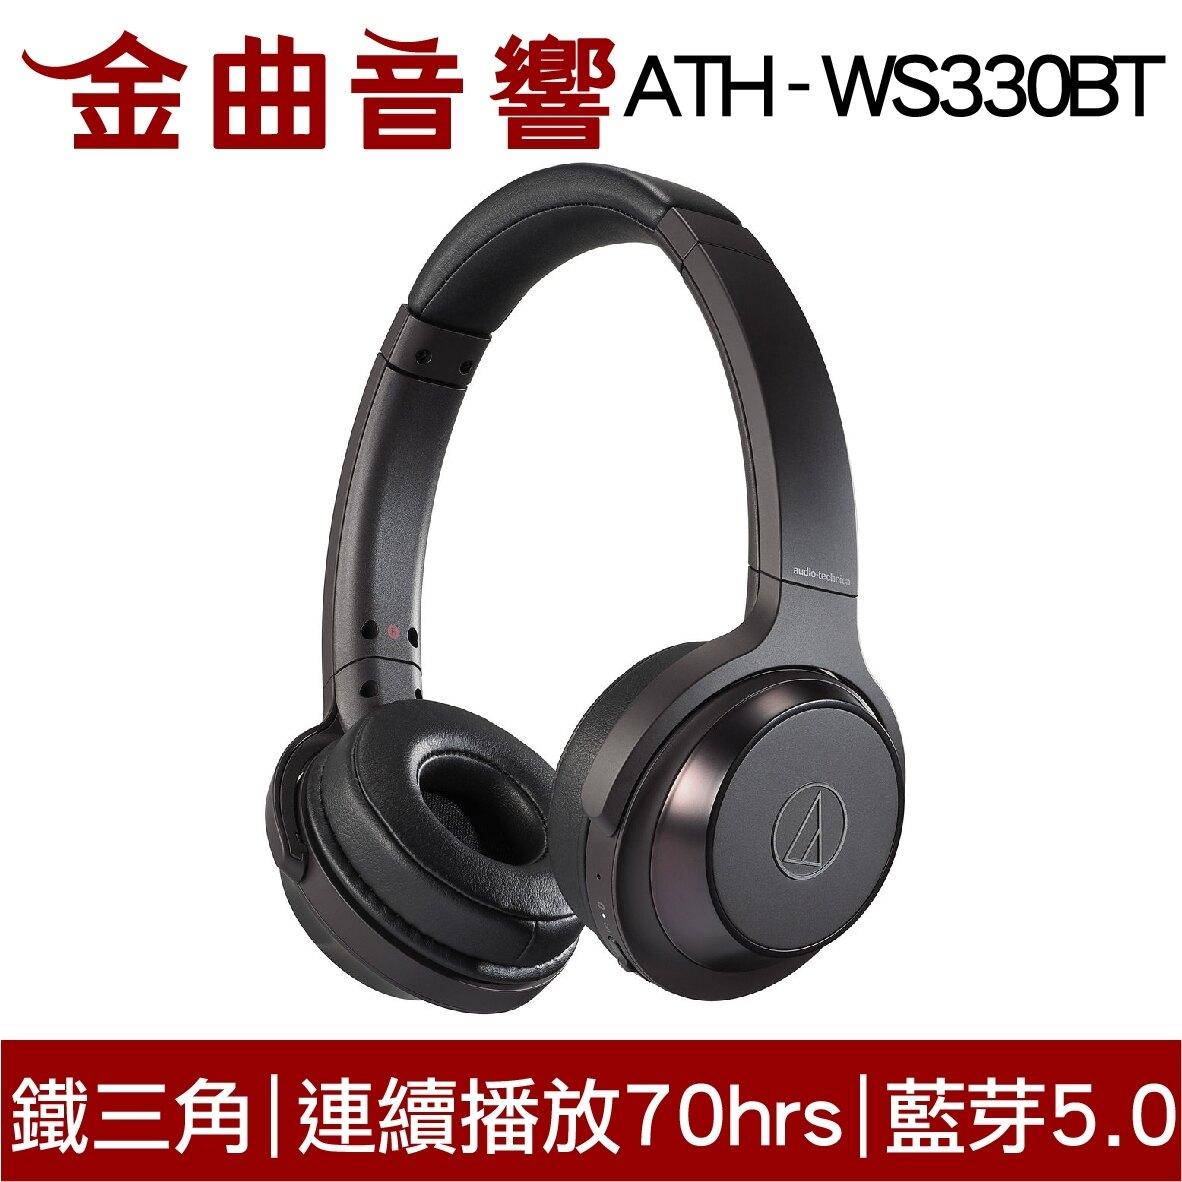 鐵三角 ATH-WS330BT 三色可選 無線藍牙耳機 重低音 | 金曲音響